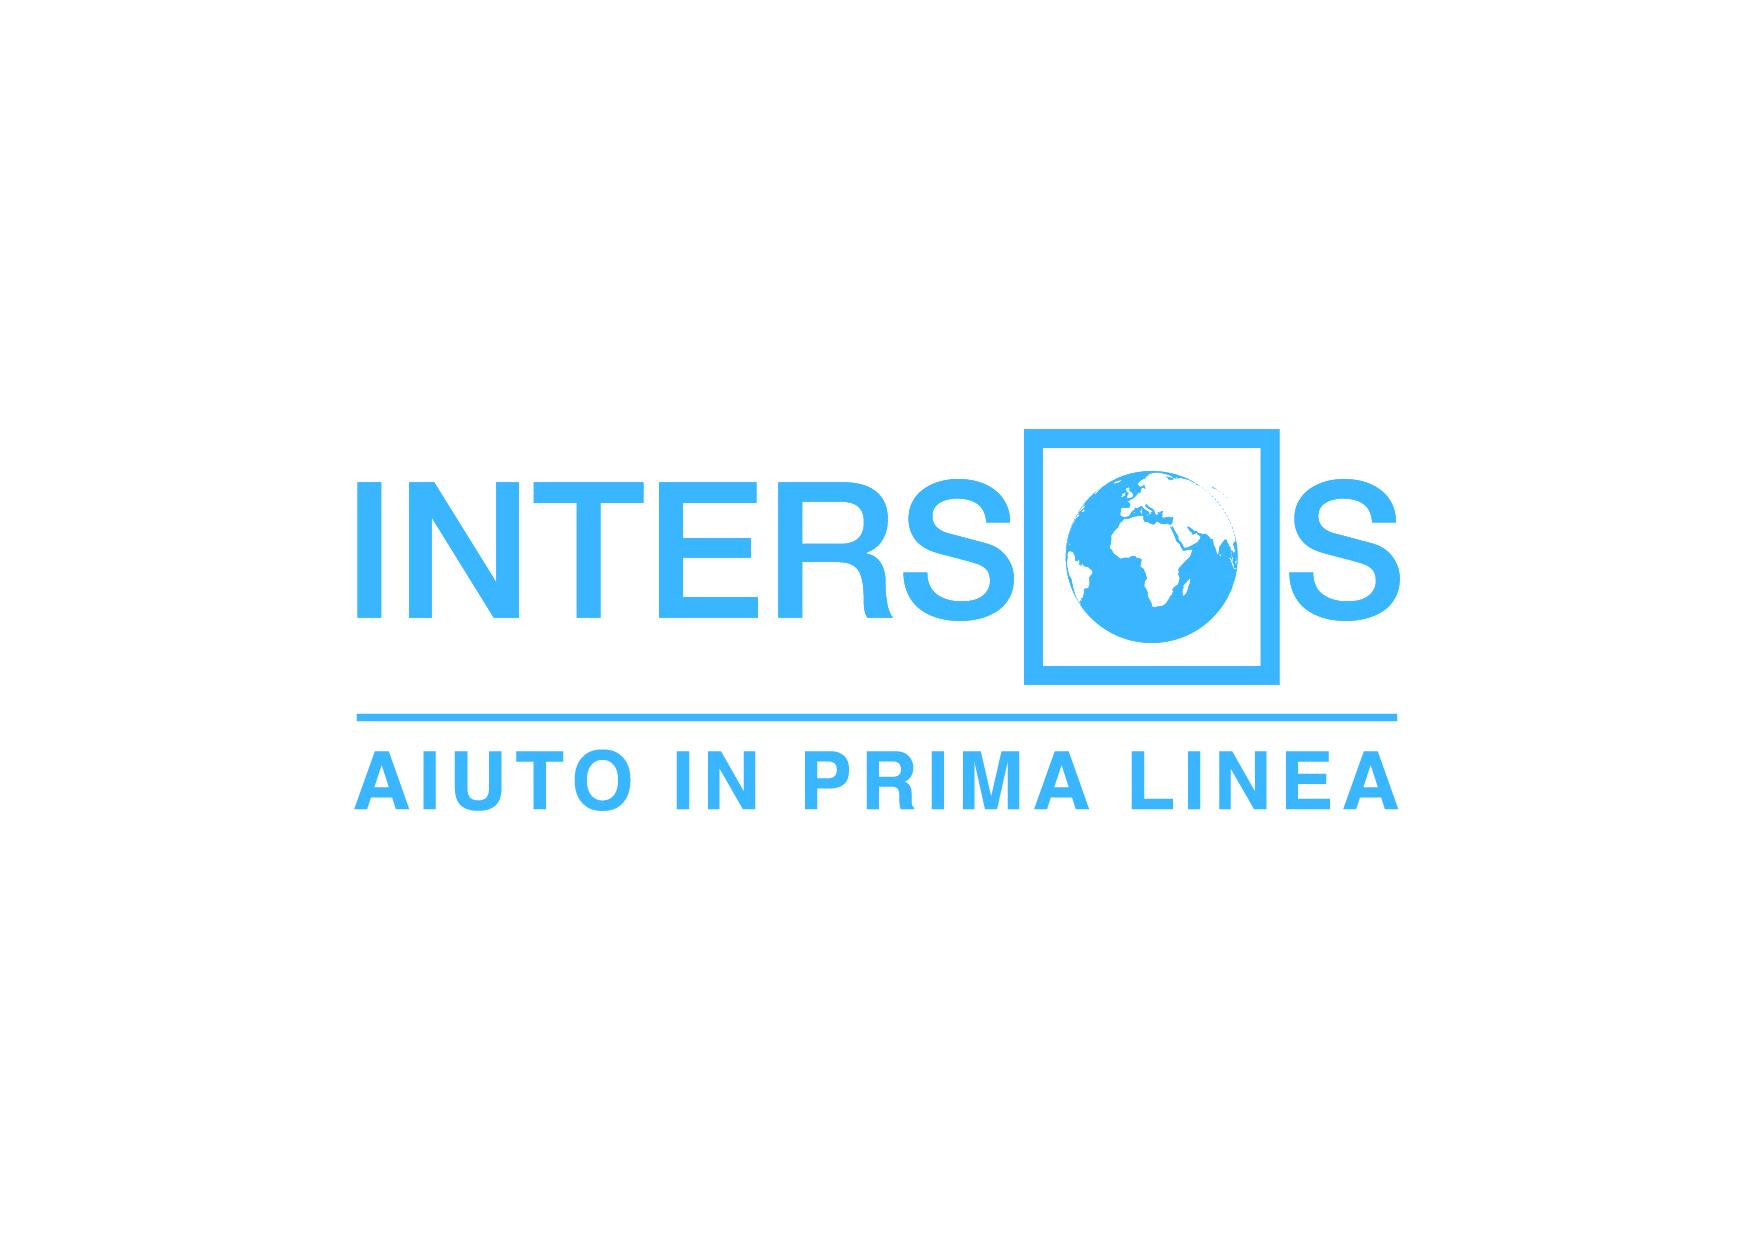 INTERSOS Organizzazione Umanitaria